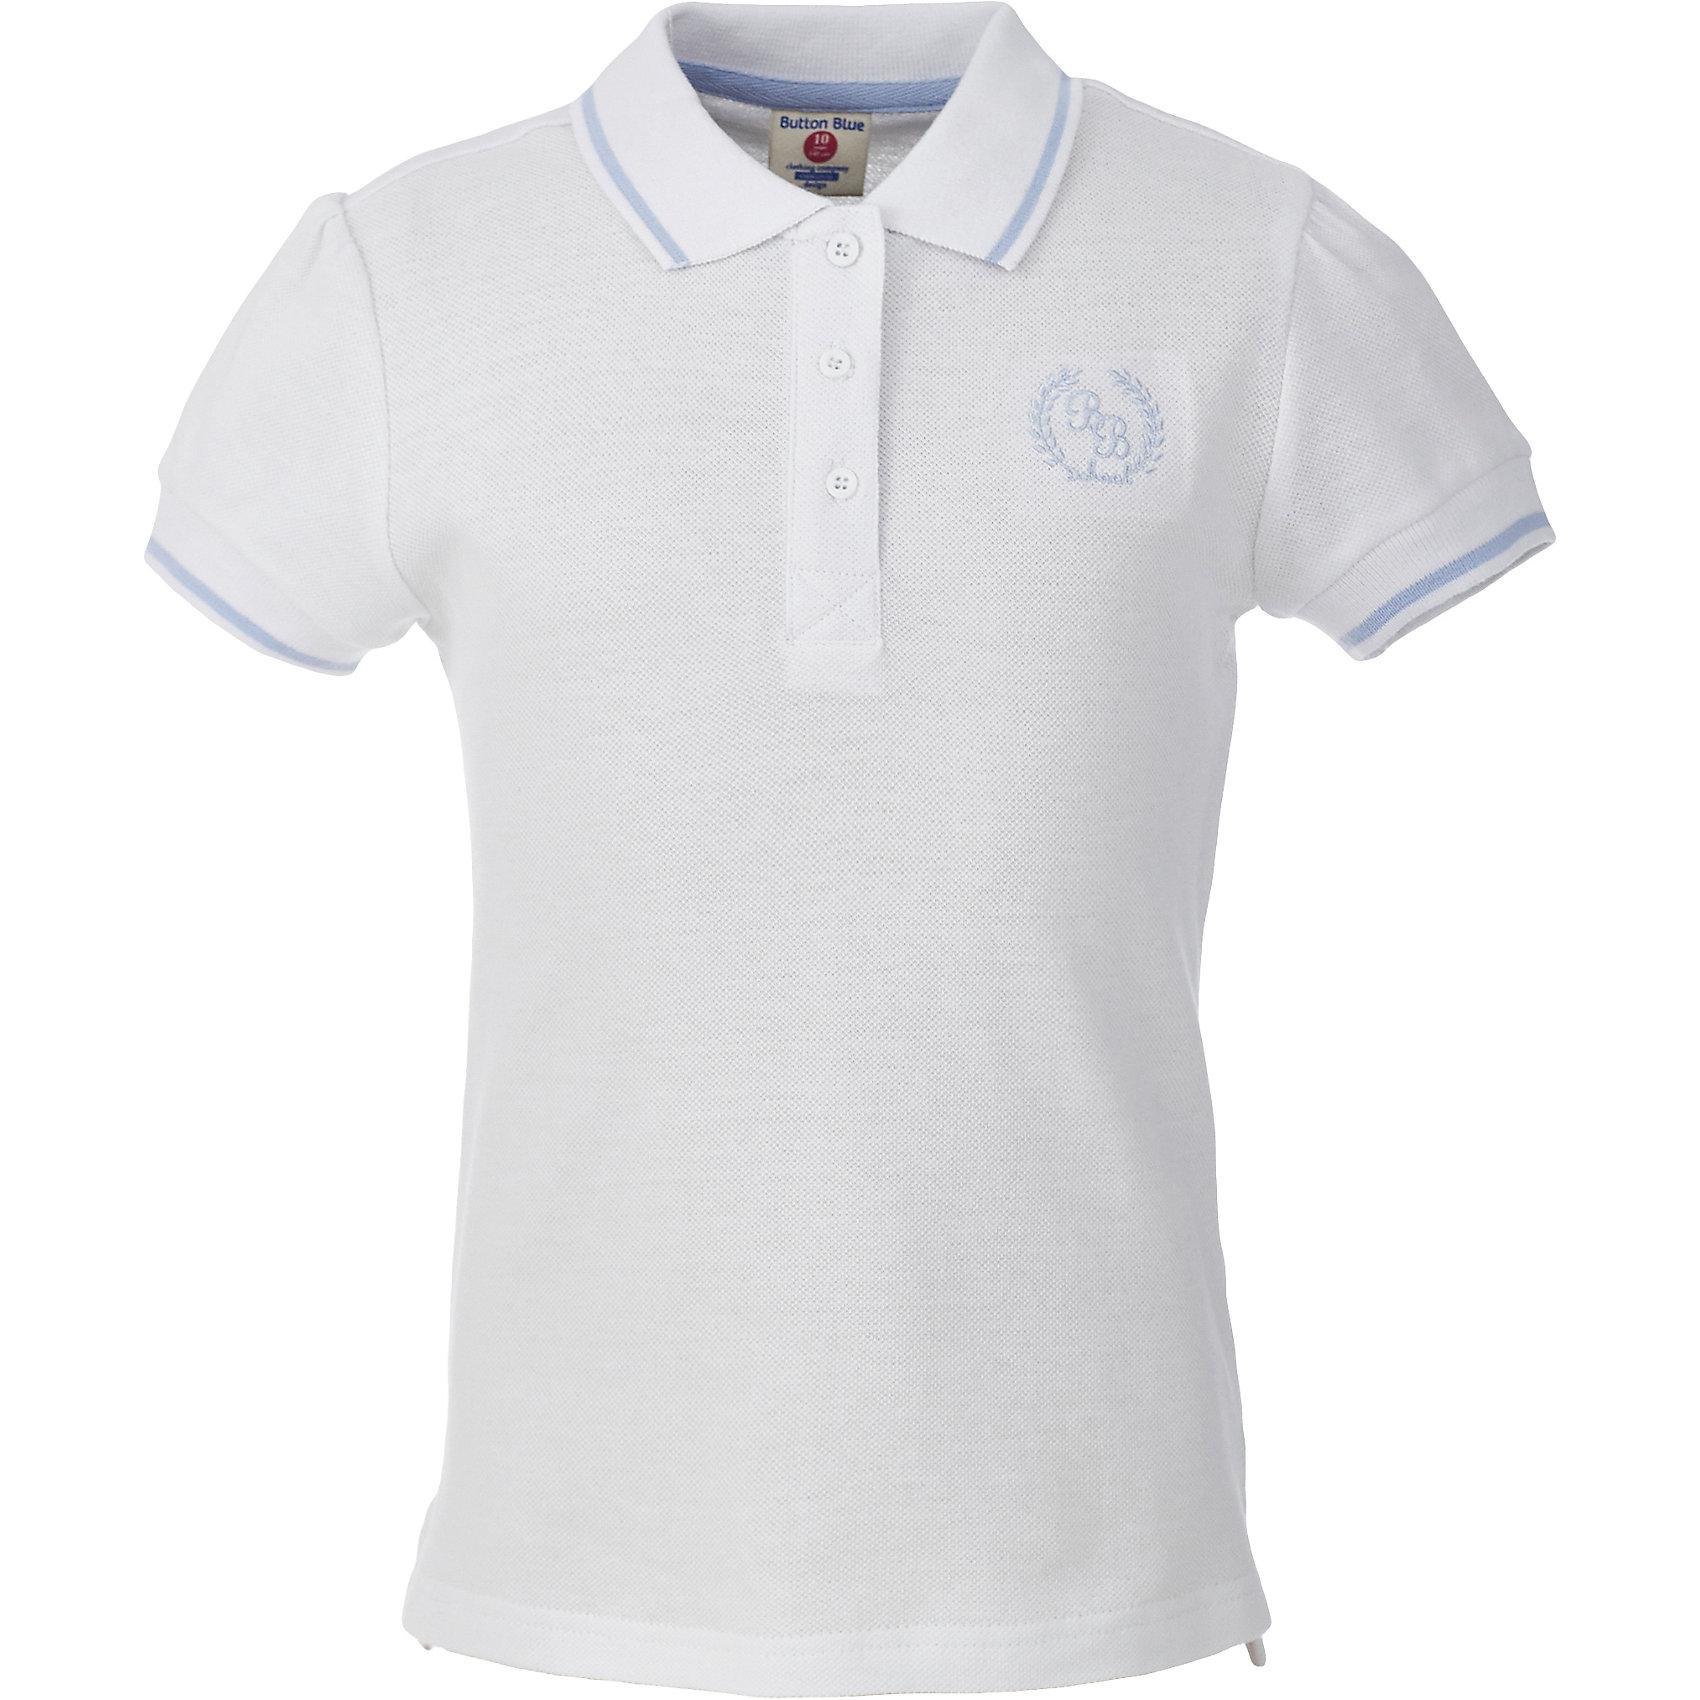 Футболка-поло для девочки BUTTON BLUEБлузки и рубашки<br>Футболка-поло для девочки BUTTON BLUE<br>Прекрасная альтернатива блузке - белое поло! По удобству и комфорту, поло для девочек в школу не менее удобно, чем футболка с коротким рукавом, но поло выглядит строже и наряднее. Небольшой цветовой акцент, внутренняя планка, придает модели изюминку.<br>Состав:<br>100% хлопок<br><br>Ширина мм: 199<br>Глубина мм: 10<br>Высота мм: 161<br>Вес г: 151<br>Цвет: белый<br>Возраст от месяцев: 108<br>Возраст до месяцев: 120<br>Пол: Женский<br>Возраст: Детский<br>Размер: 140,146,152,158,164,122,128,134<br>SKU: 6739285